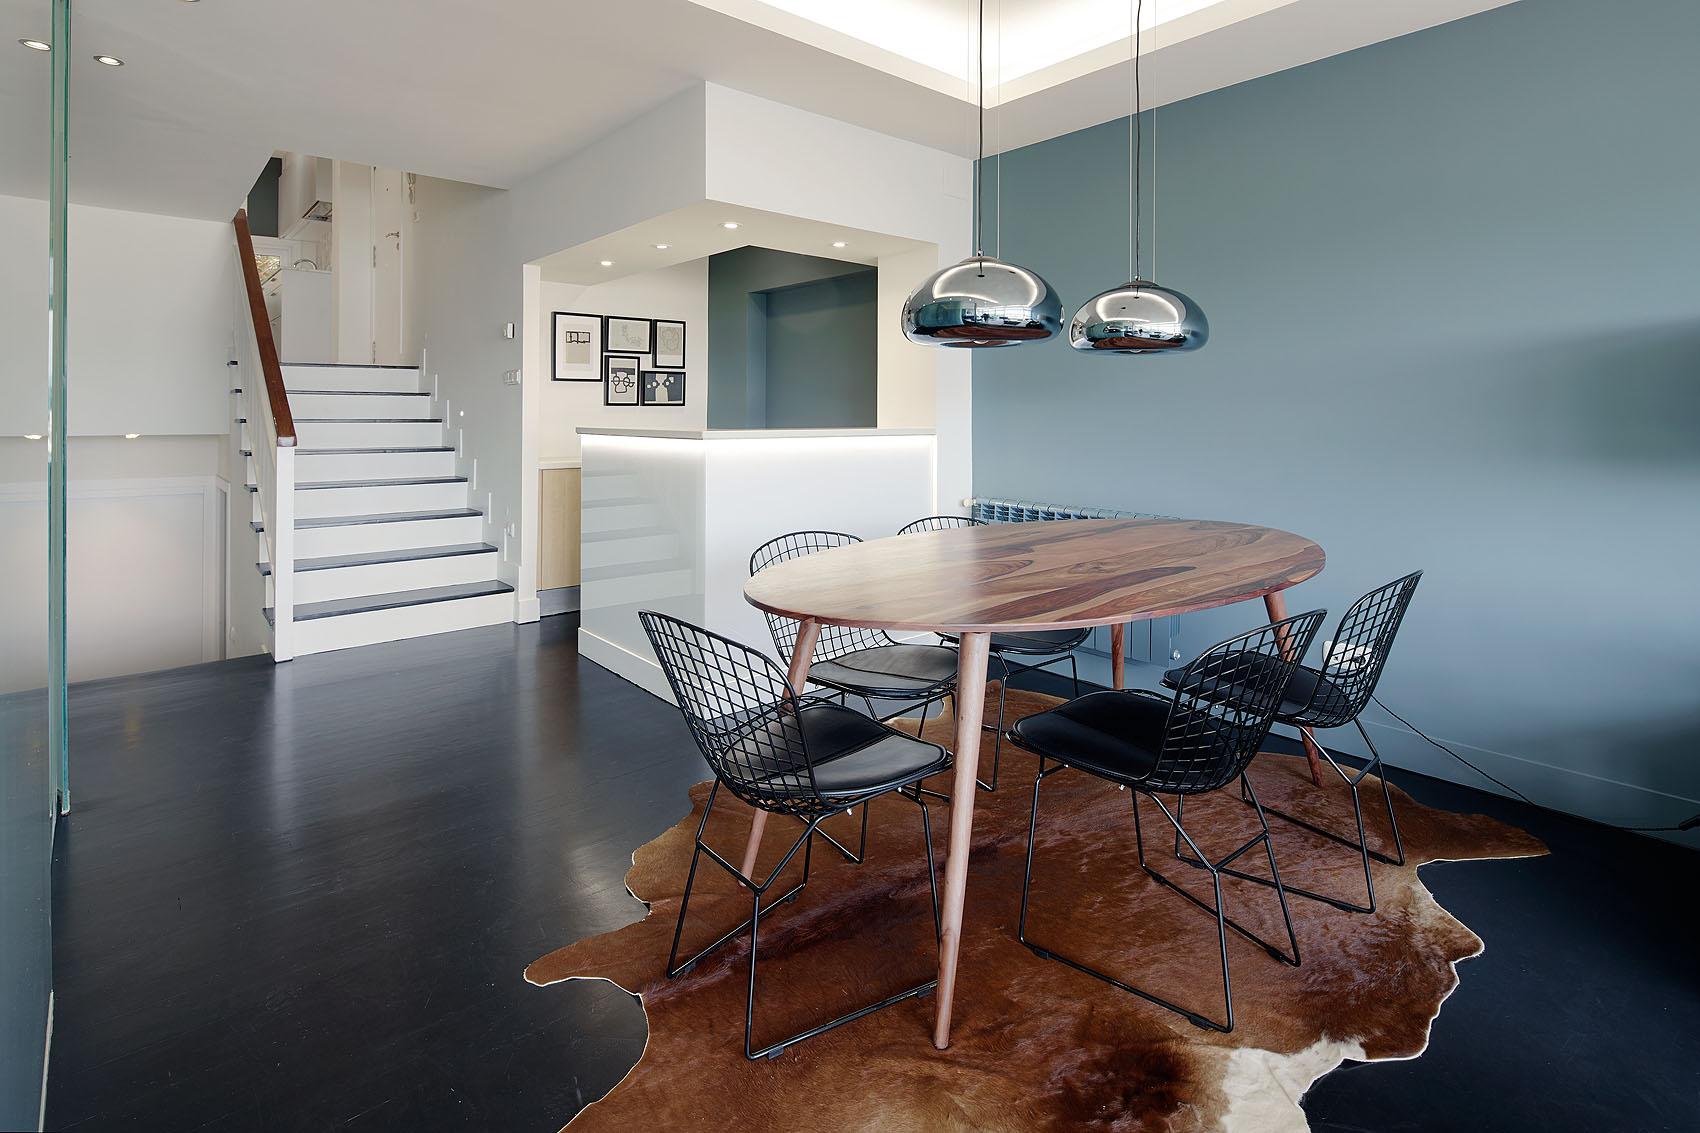 Apartamento Santa Klara by Feelfree Rentals - Iñaki Caperochipi - Fotografía